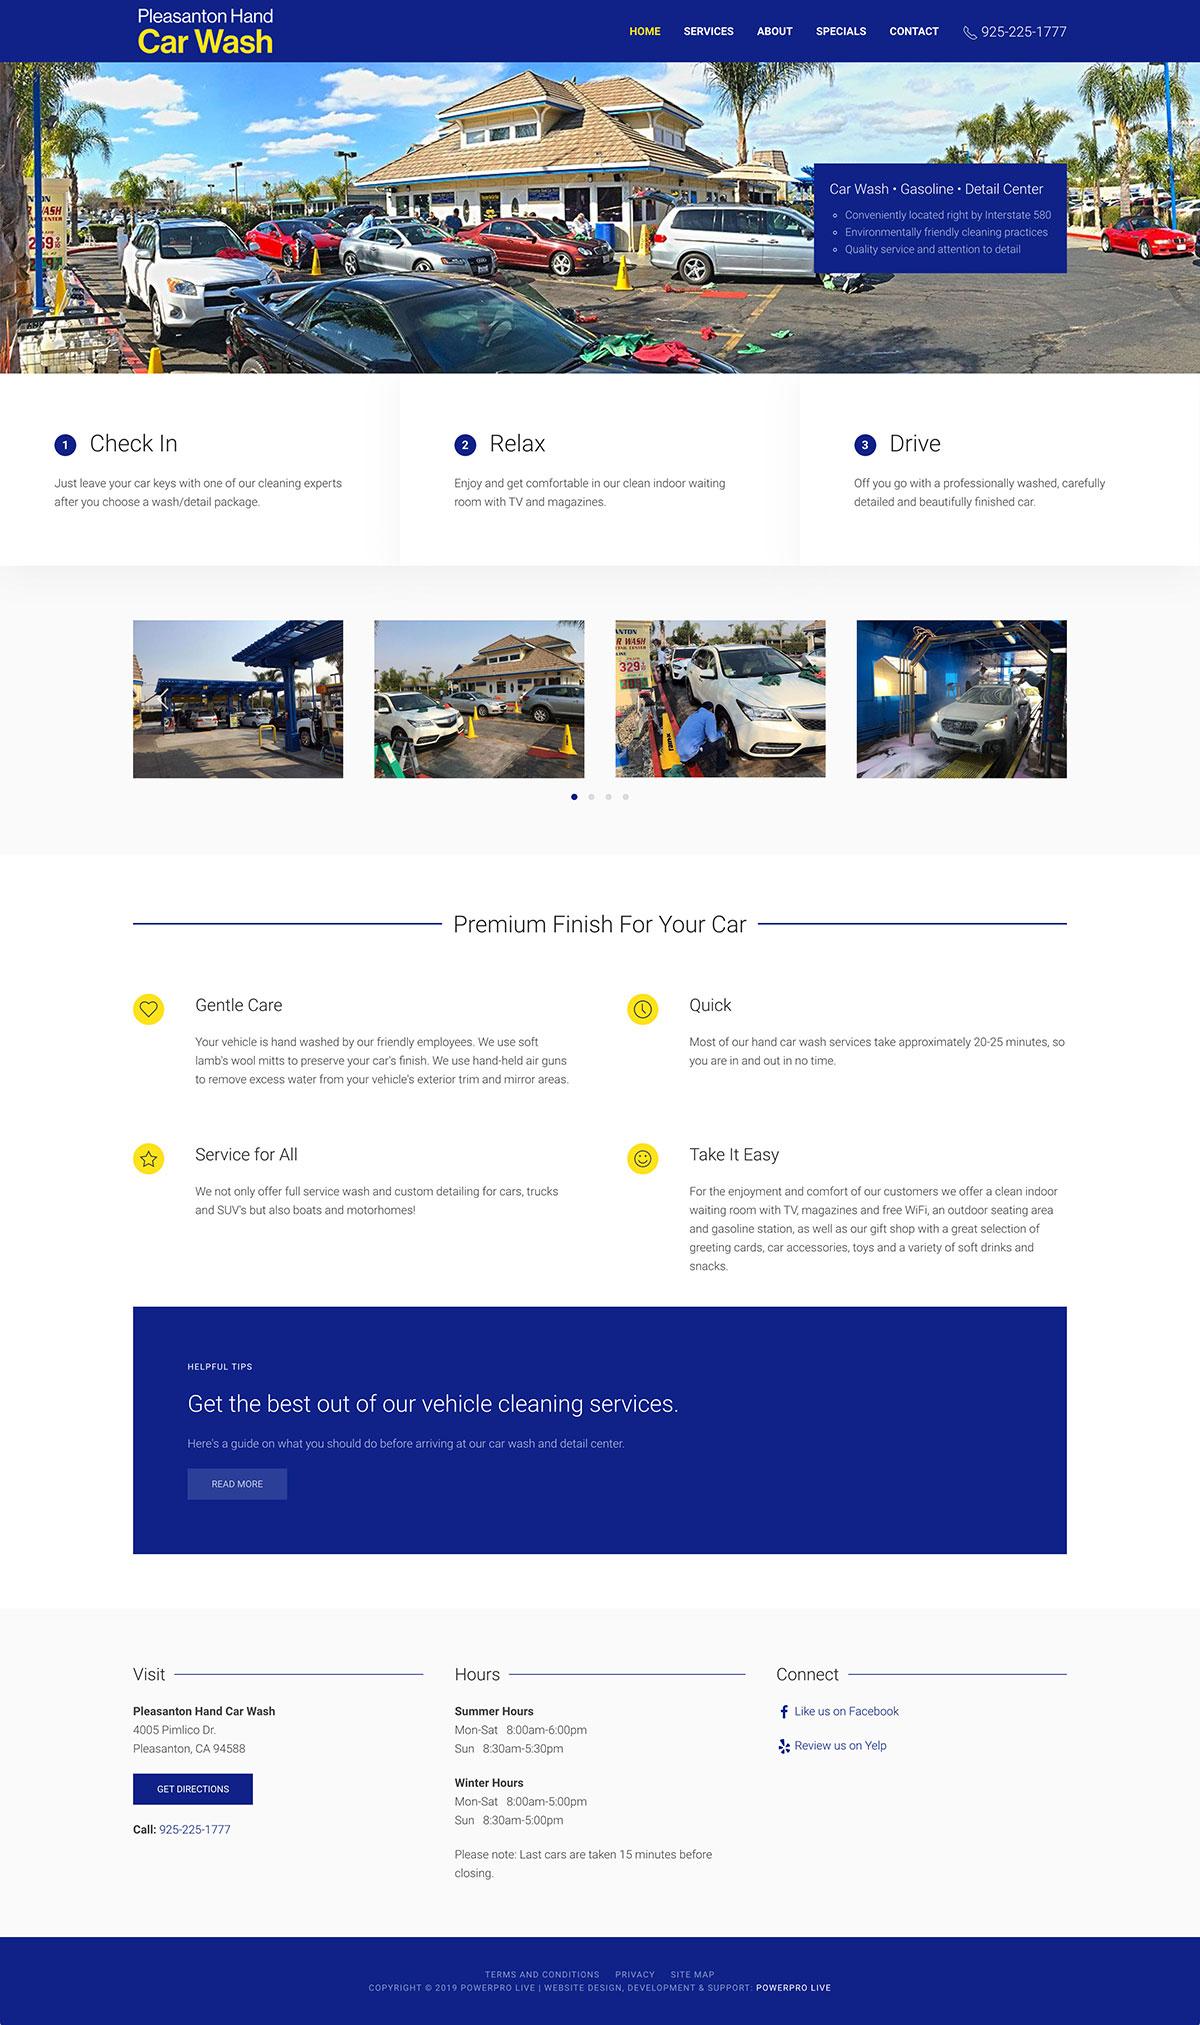 pleasanton-hand-car-wash-website